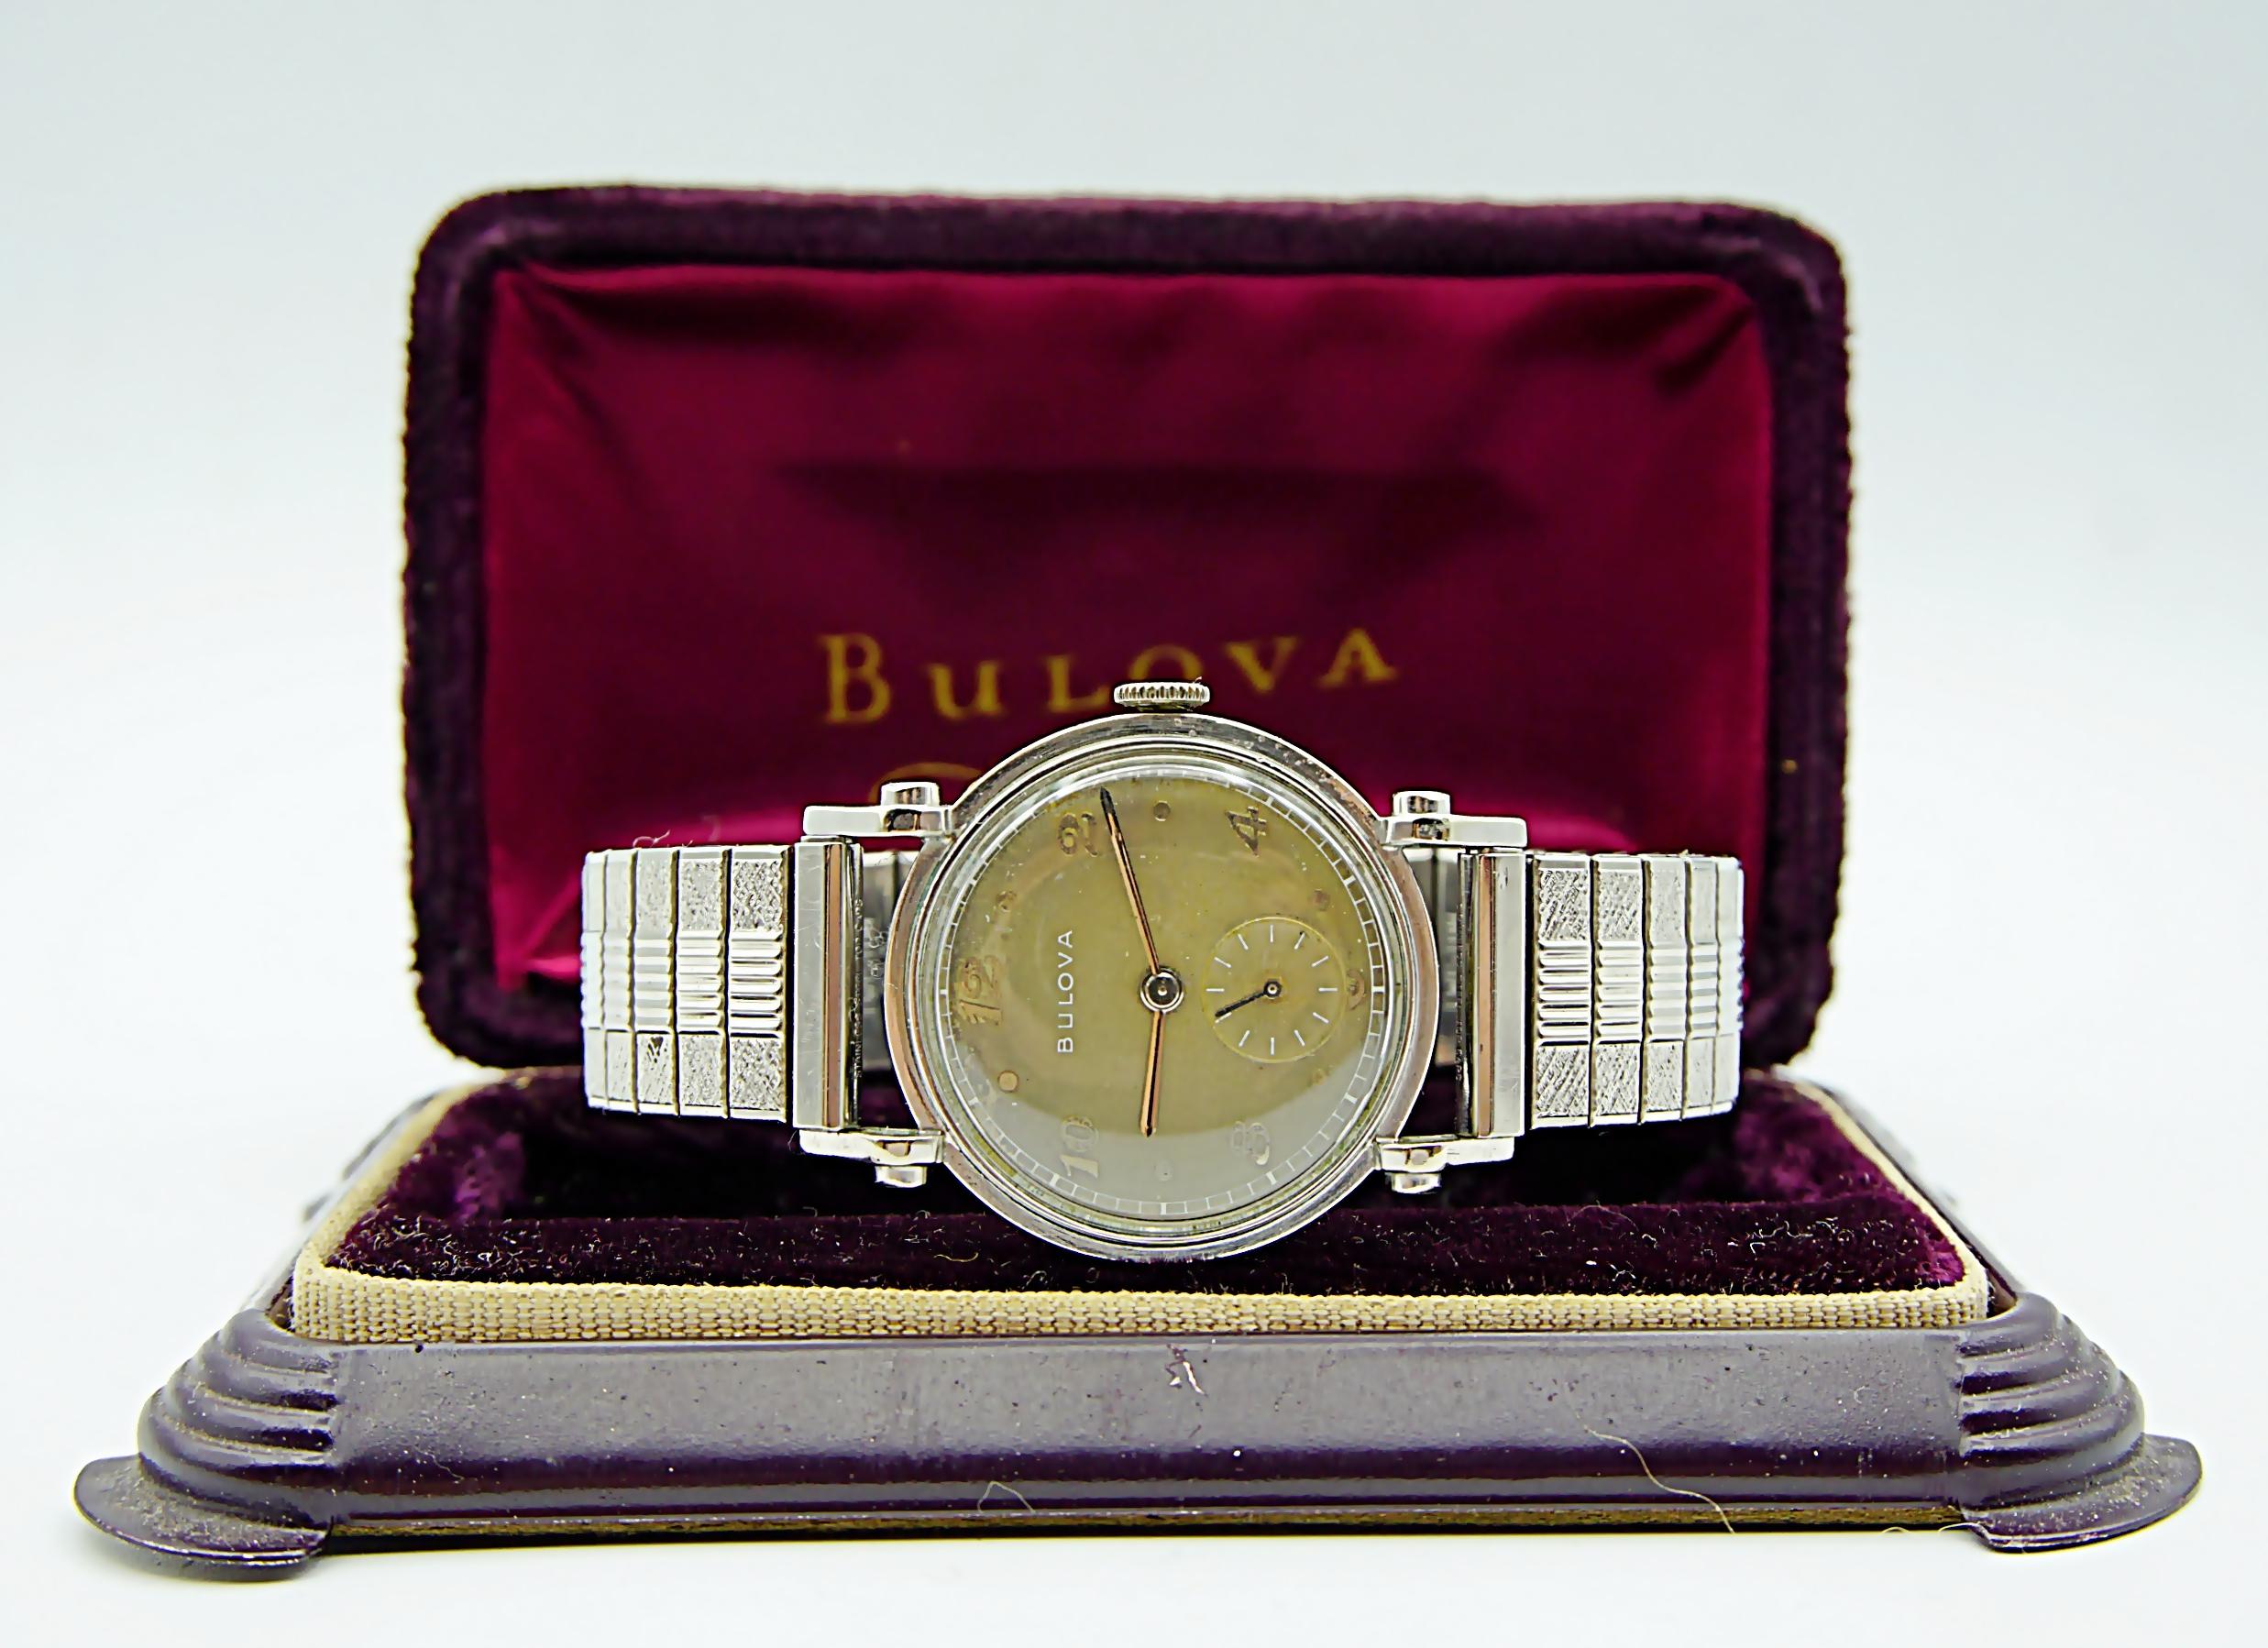 นาฬิกาเก่า BULOVA ไขลานสองเข็มครึ่ง พร้อมกล่อง